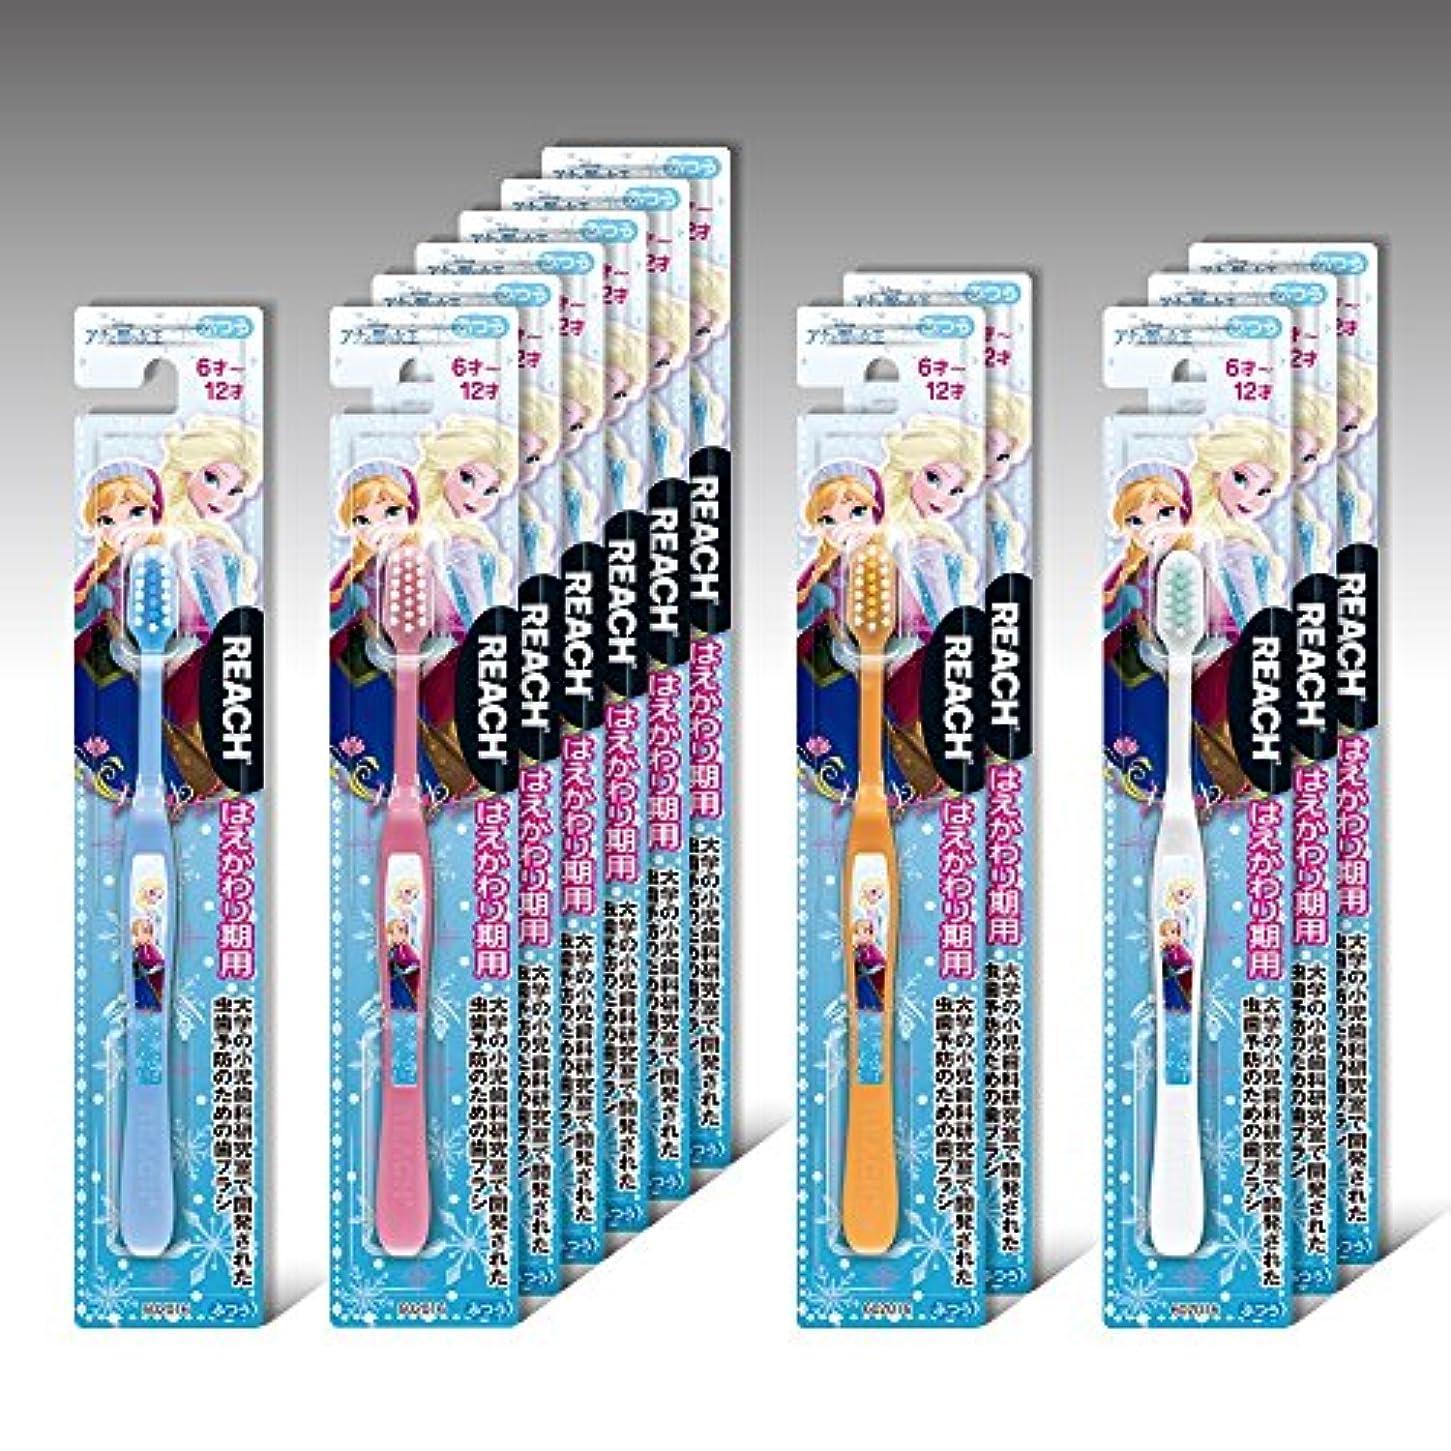 馬鹿げたスペシャリストベジタリアンリーチキッズ ディズニー アナと雪の女王 はえかわり期用(6~12才) 12本セット